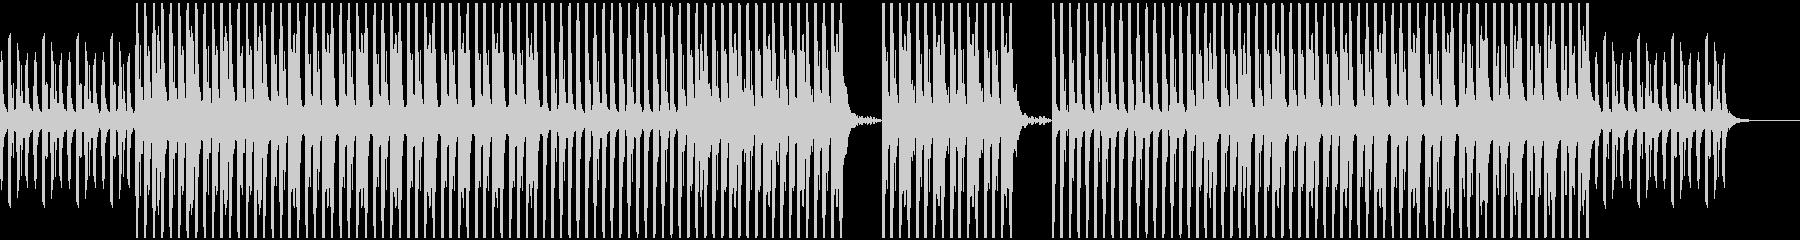 ご機嫌な様子のテクノサウンドの未再生の波形